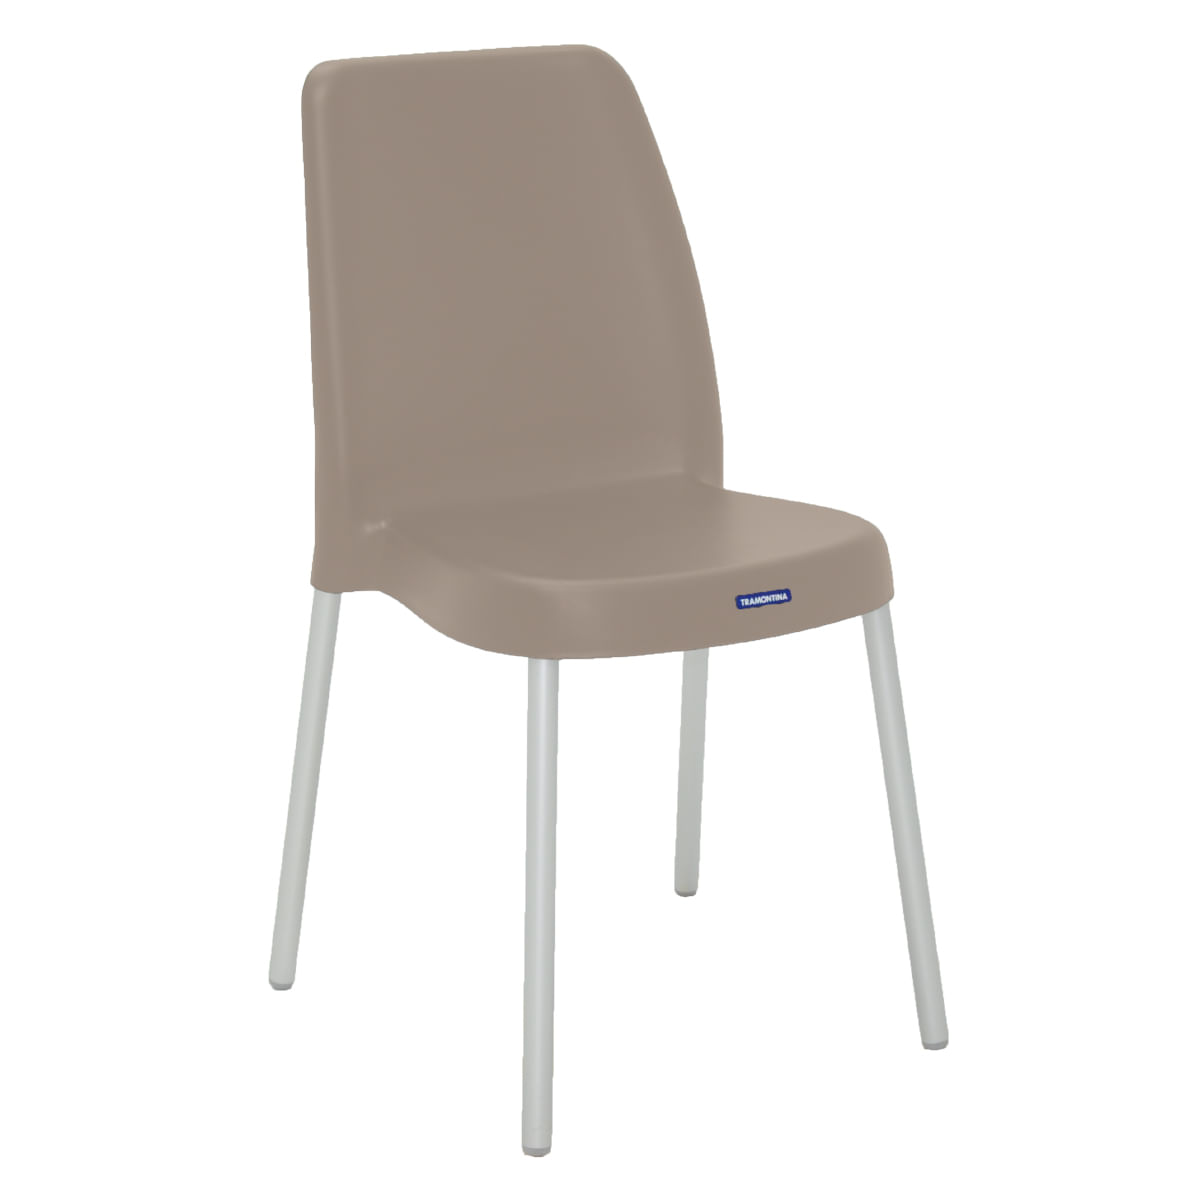 Cadeira Tramontina Vanda Camurça em Polipropileno com Pernas Anodizadas